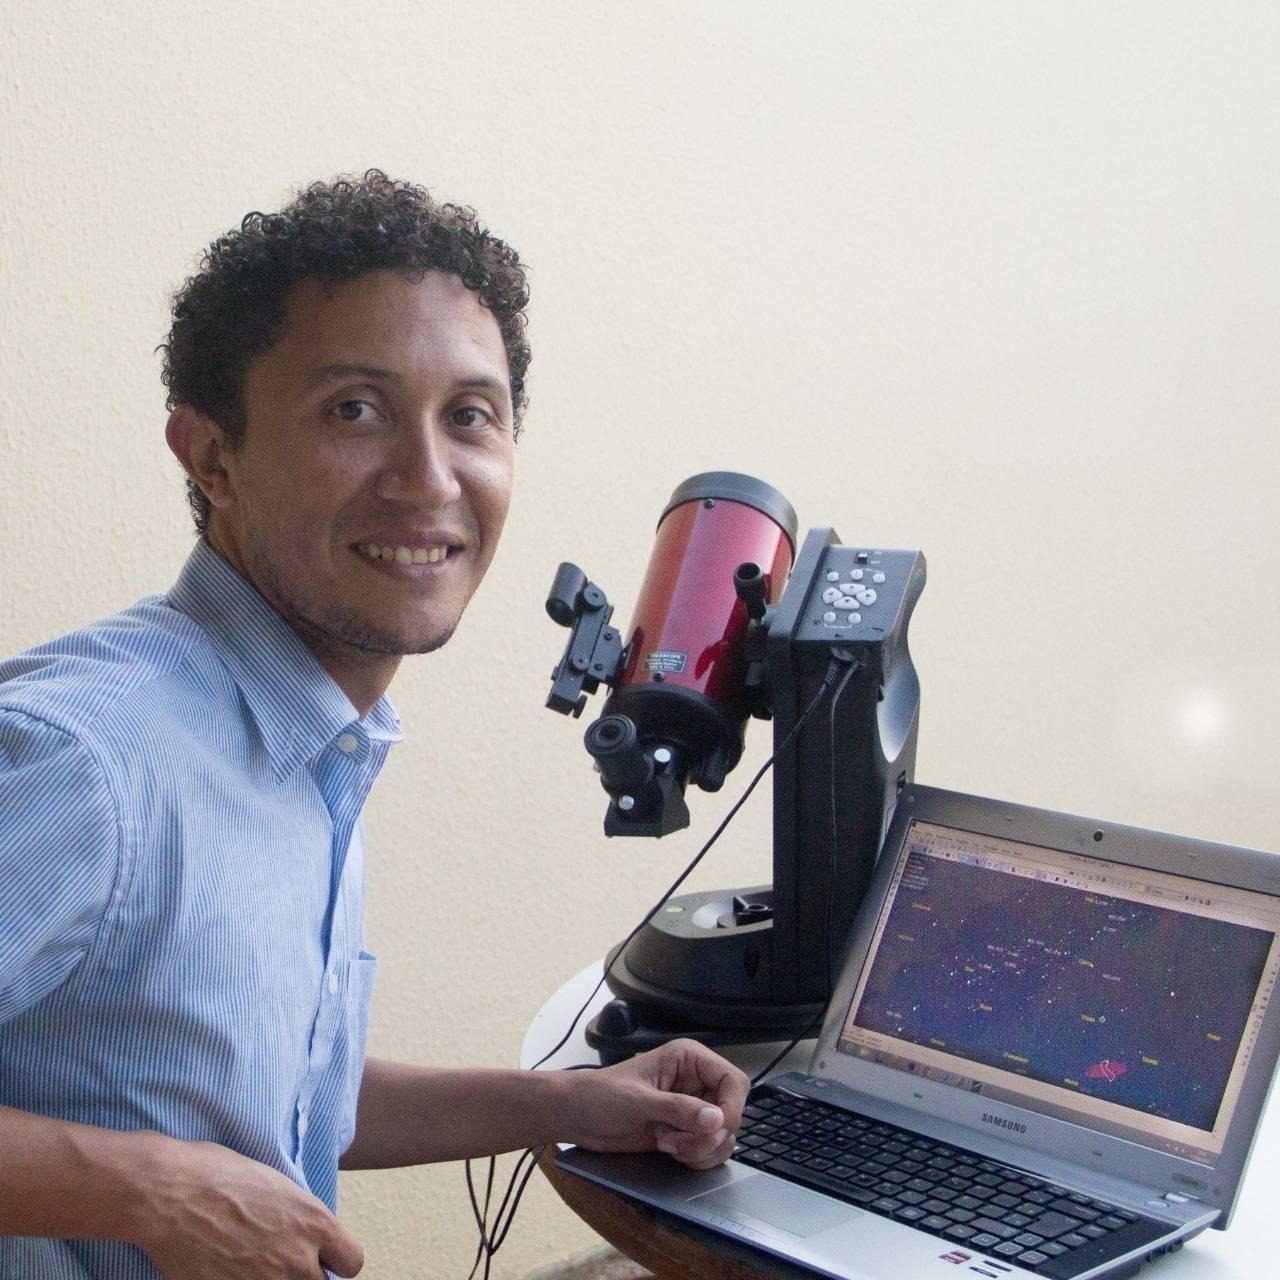 Lauriston ajudou Alfredo a entender os algoritmos do software